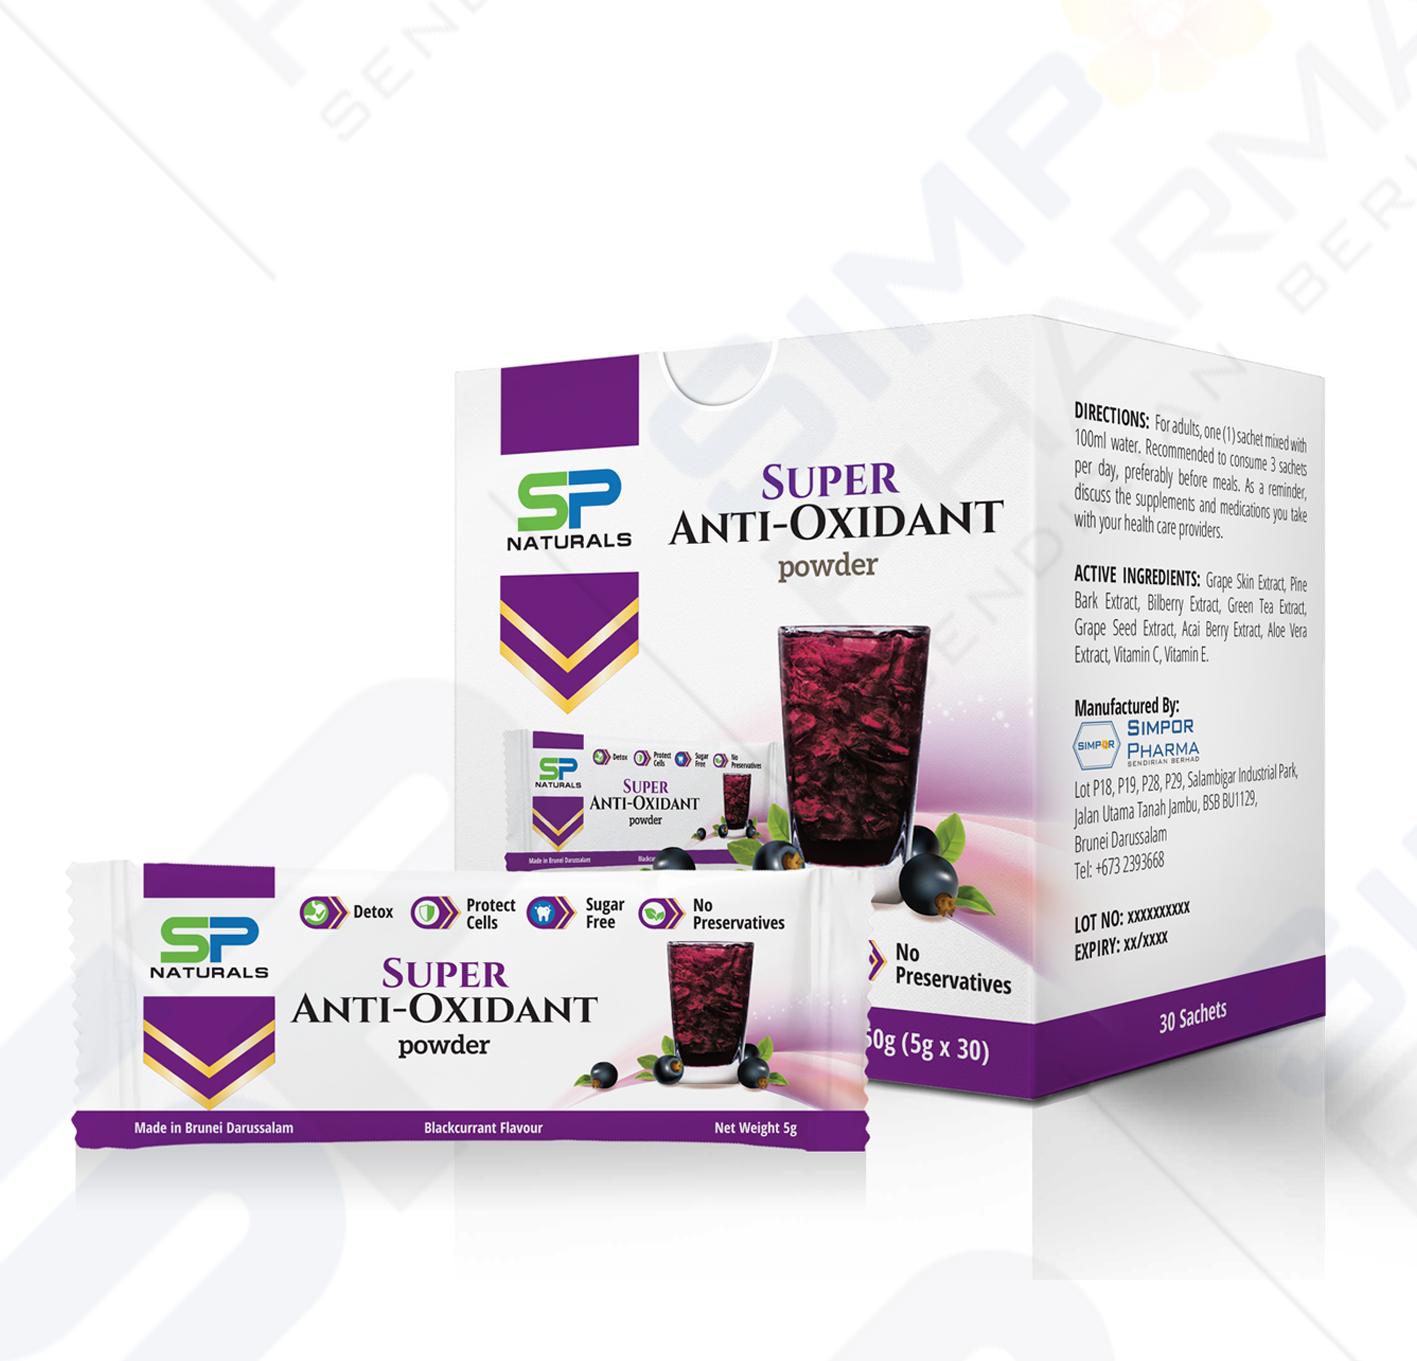 SP Naturals Super Anti-Oxidant